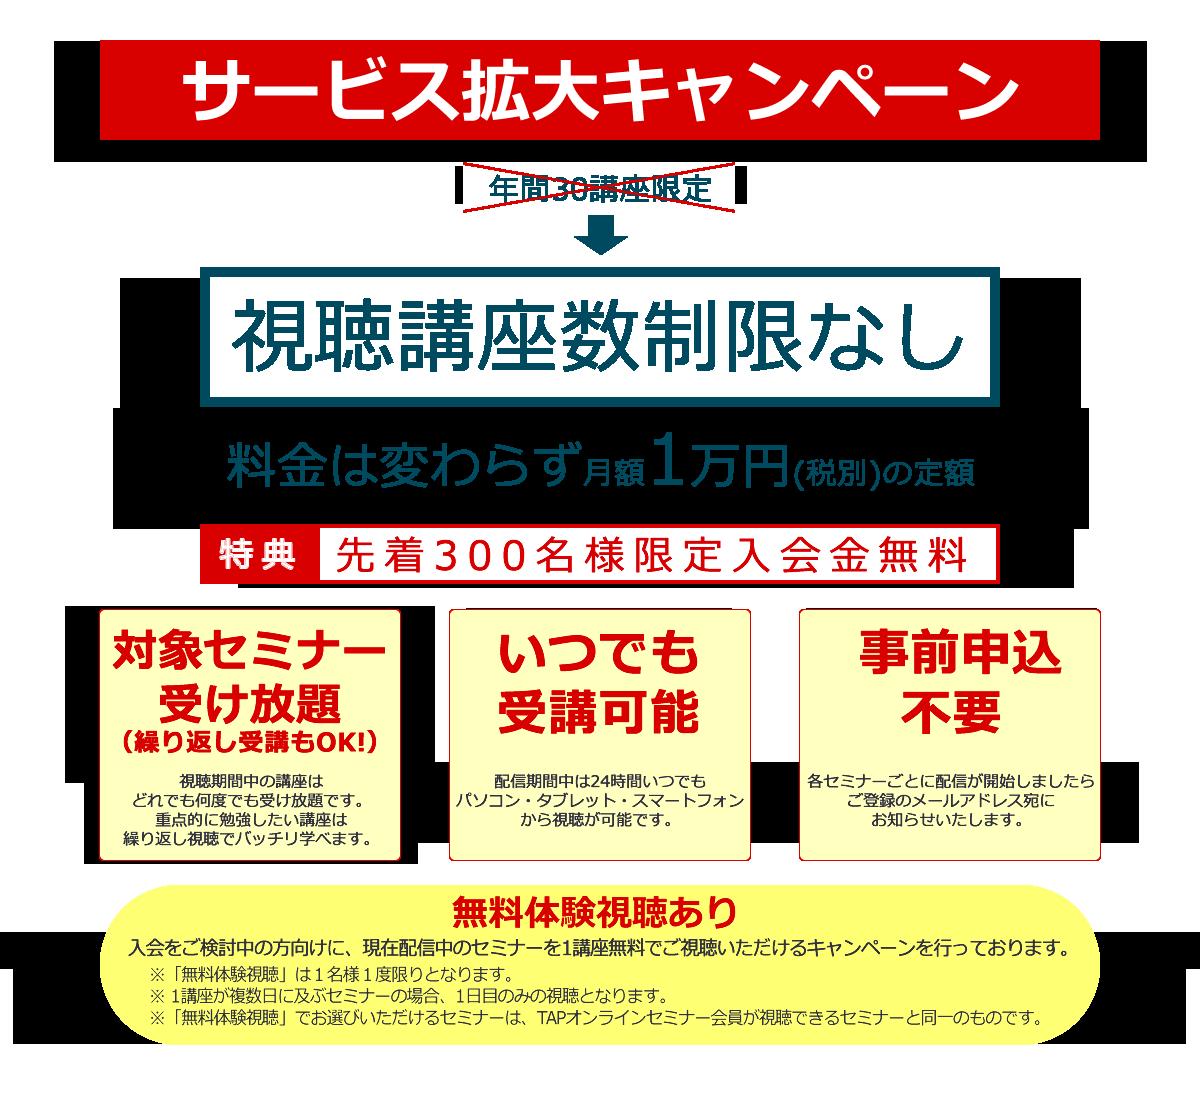 サービス拡大キャンペーン